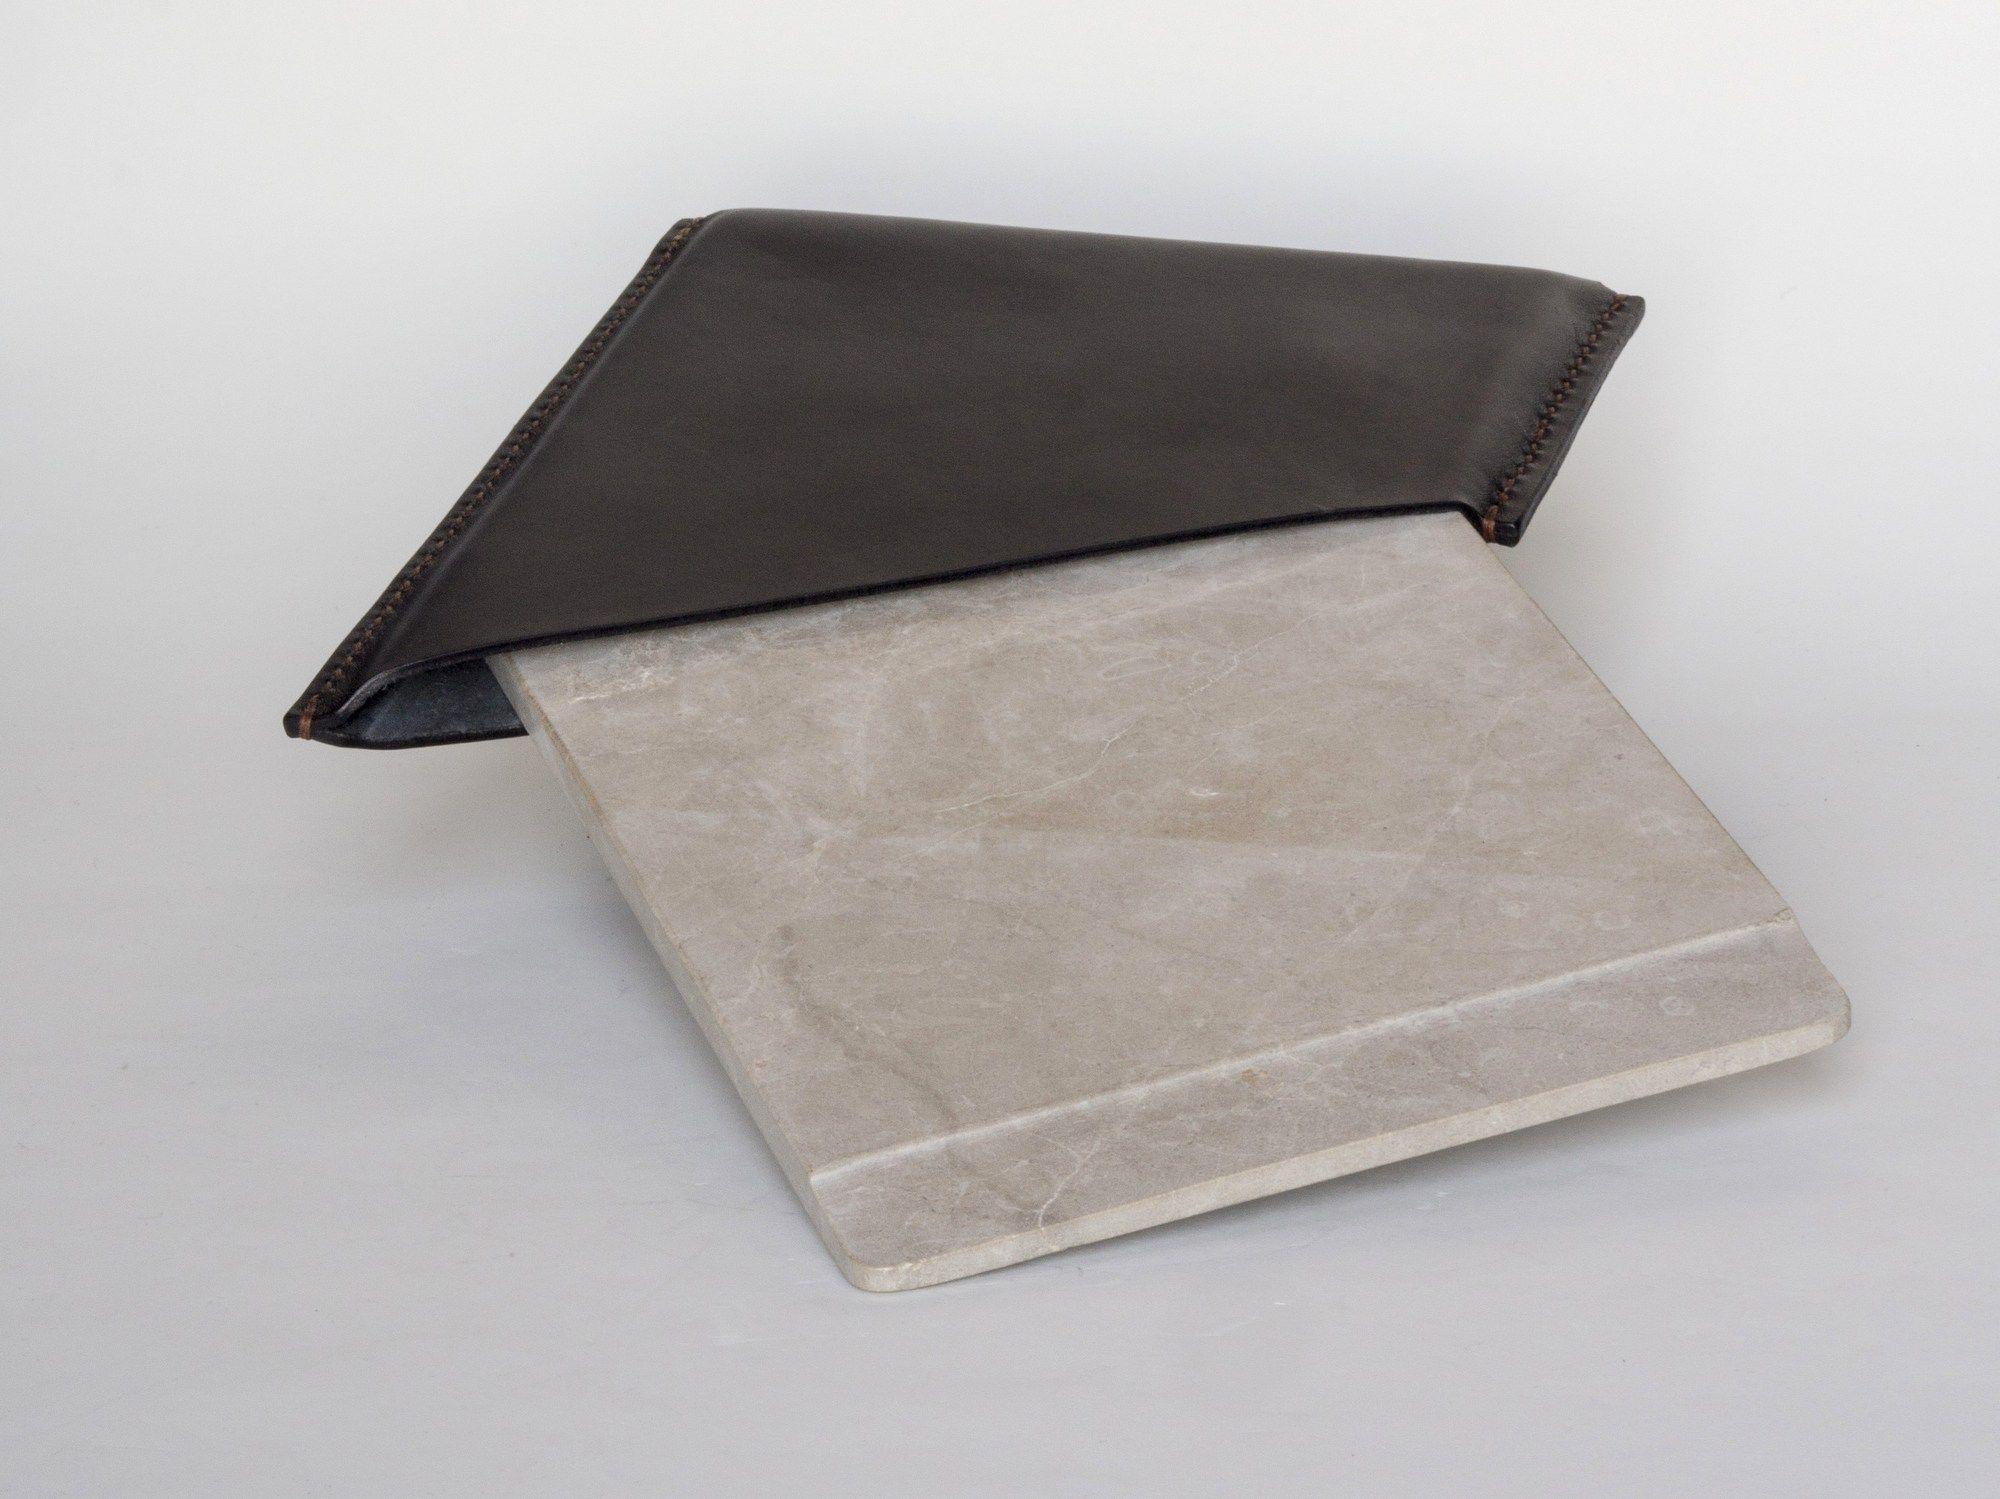 Tagliere rettangolare in marmo mappe by gumdesign for Tagliere in marmo